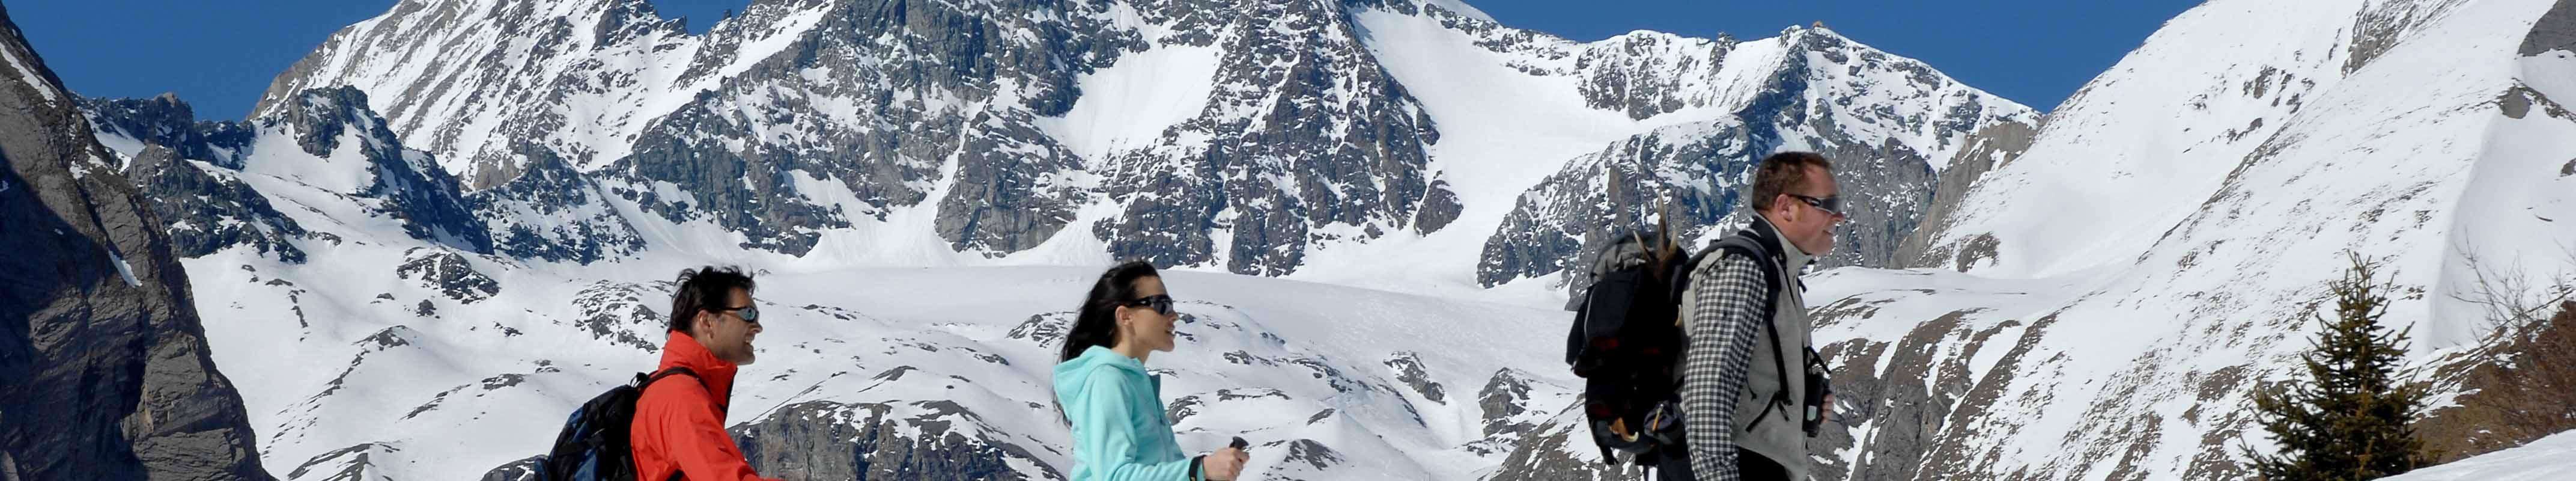 Schneeschuhwander-Osttirol-Winter-Strasserwirt